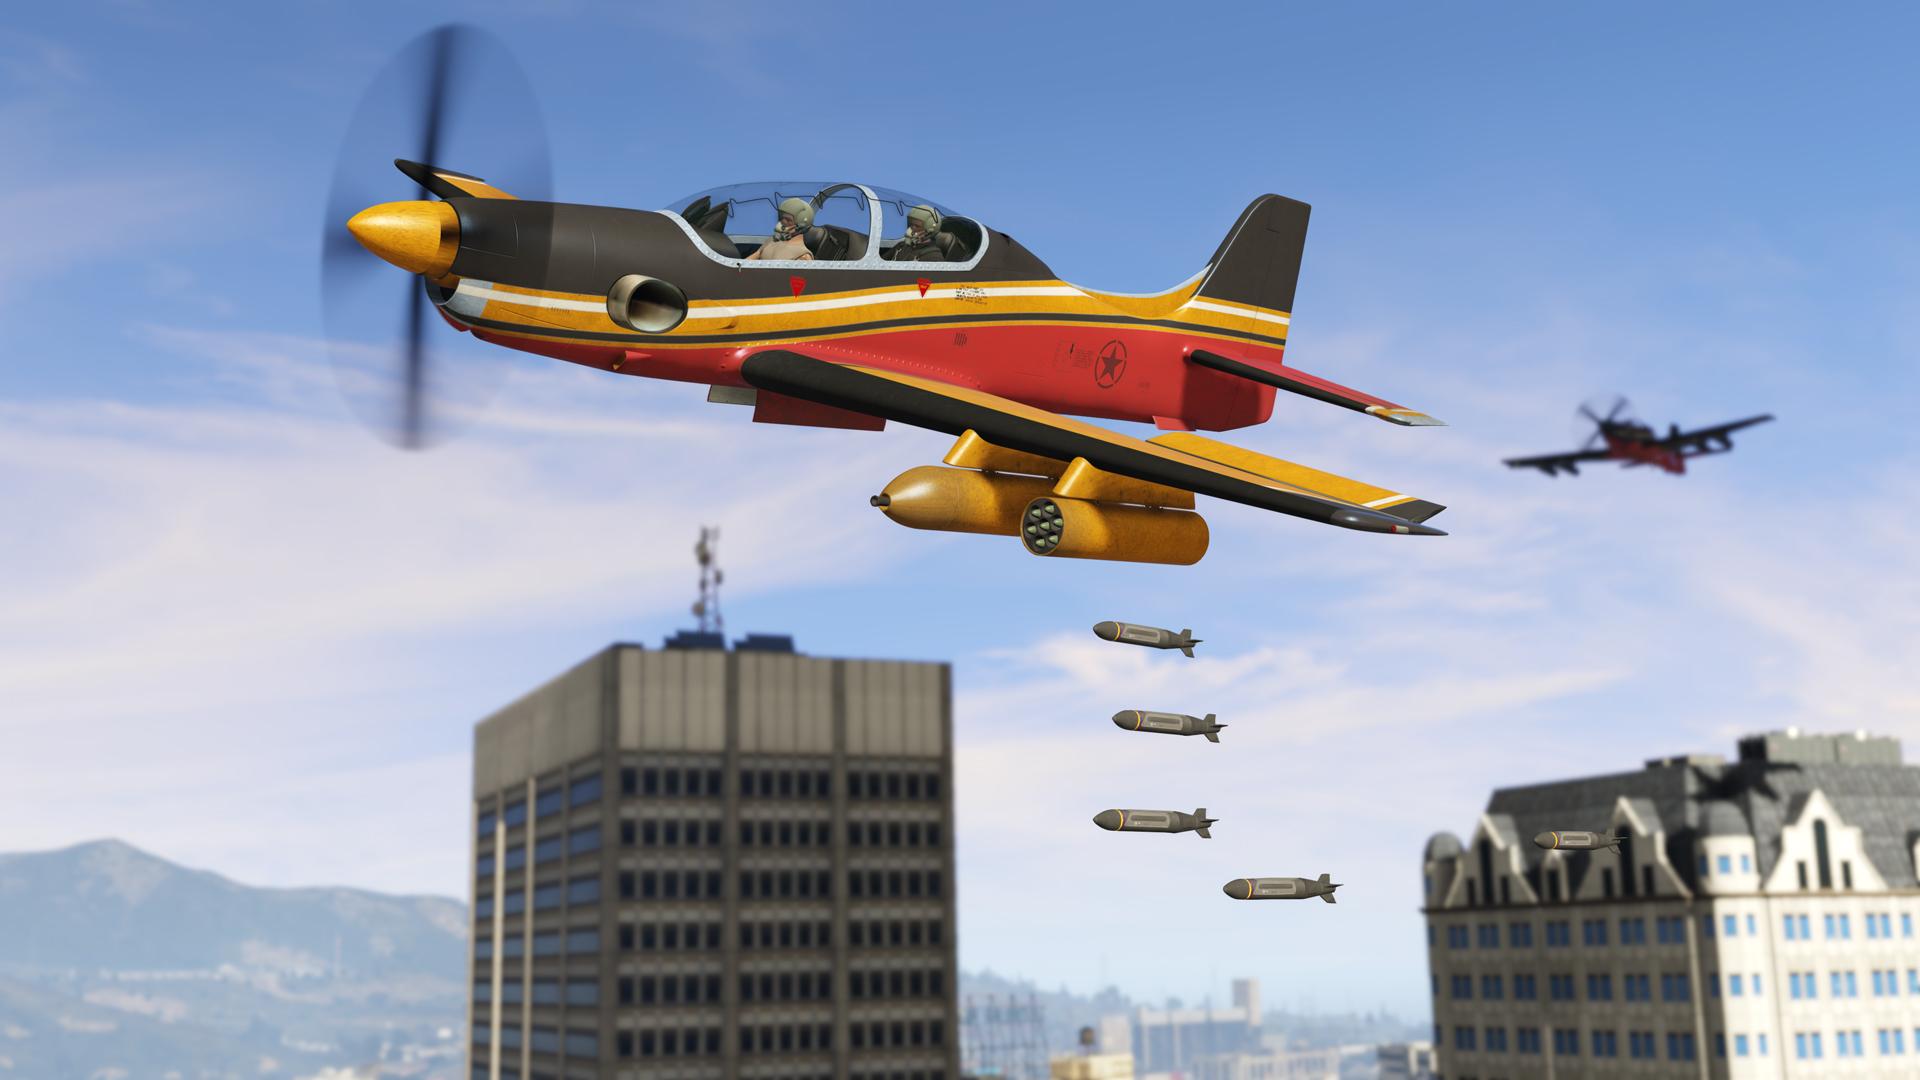 Gta 5 Flugzeuge